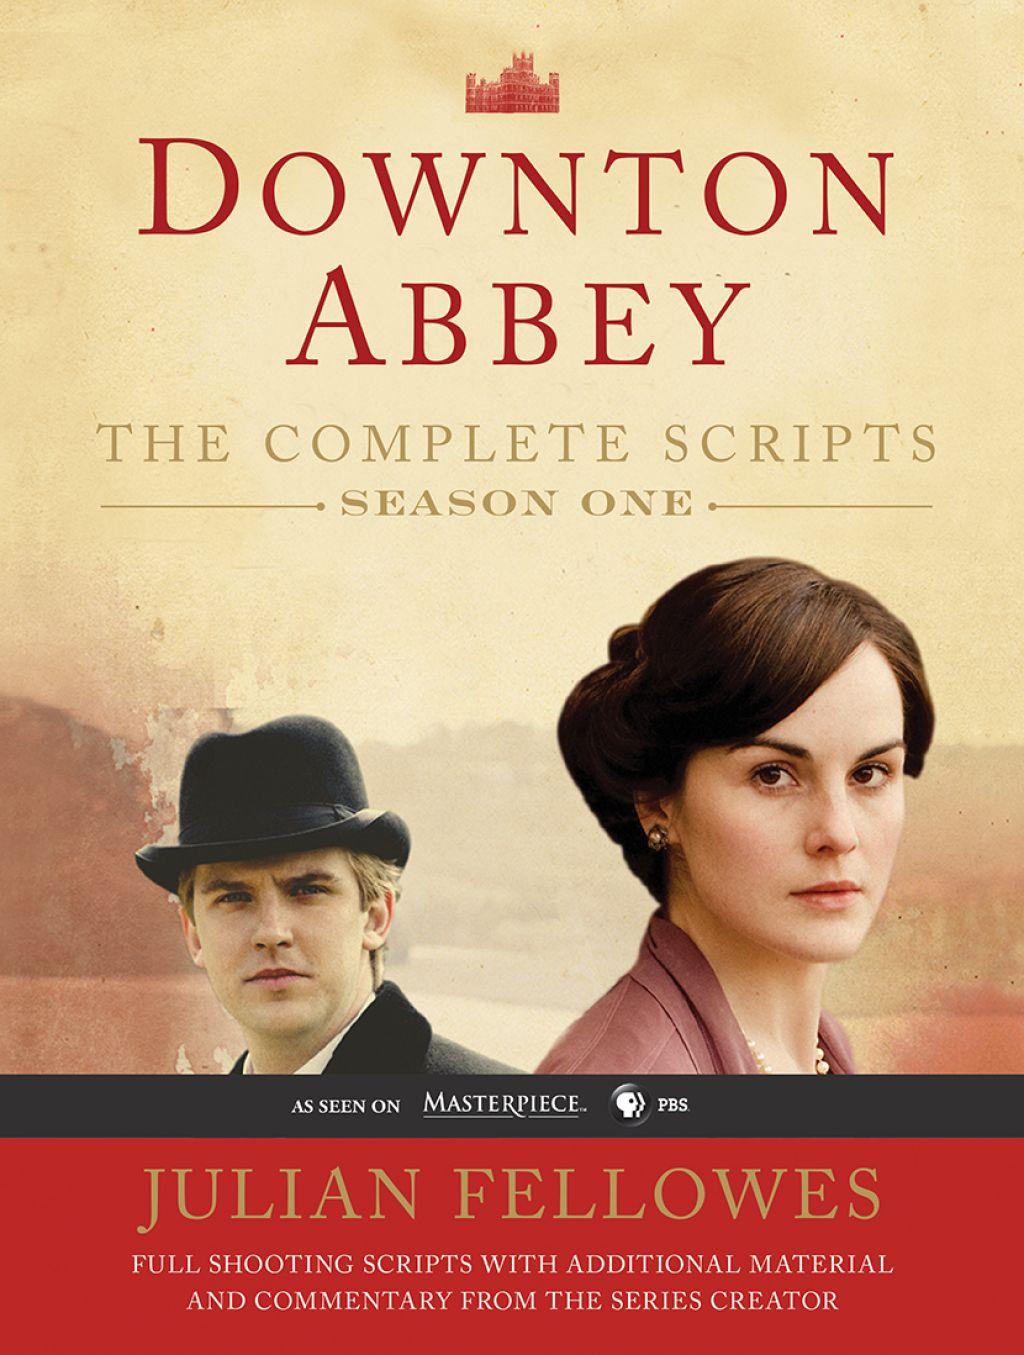 Downton Abbey Script Book Season 1 Ebook Downton Abbey Series